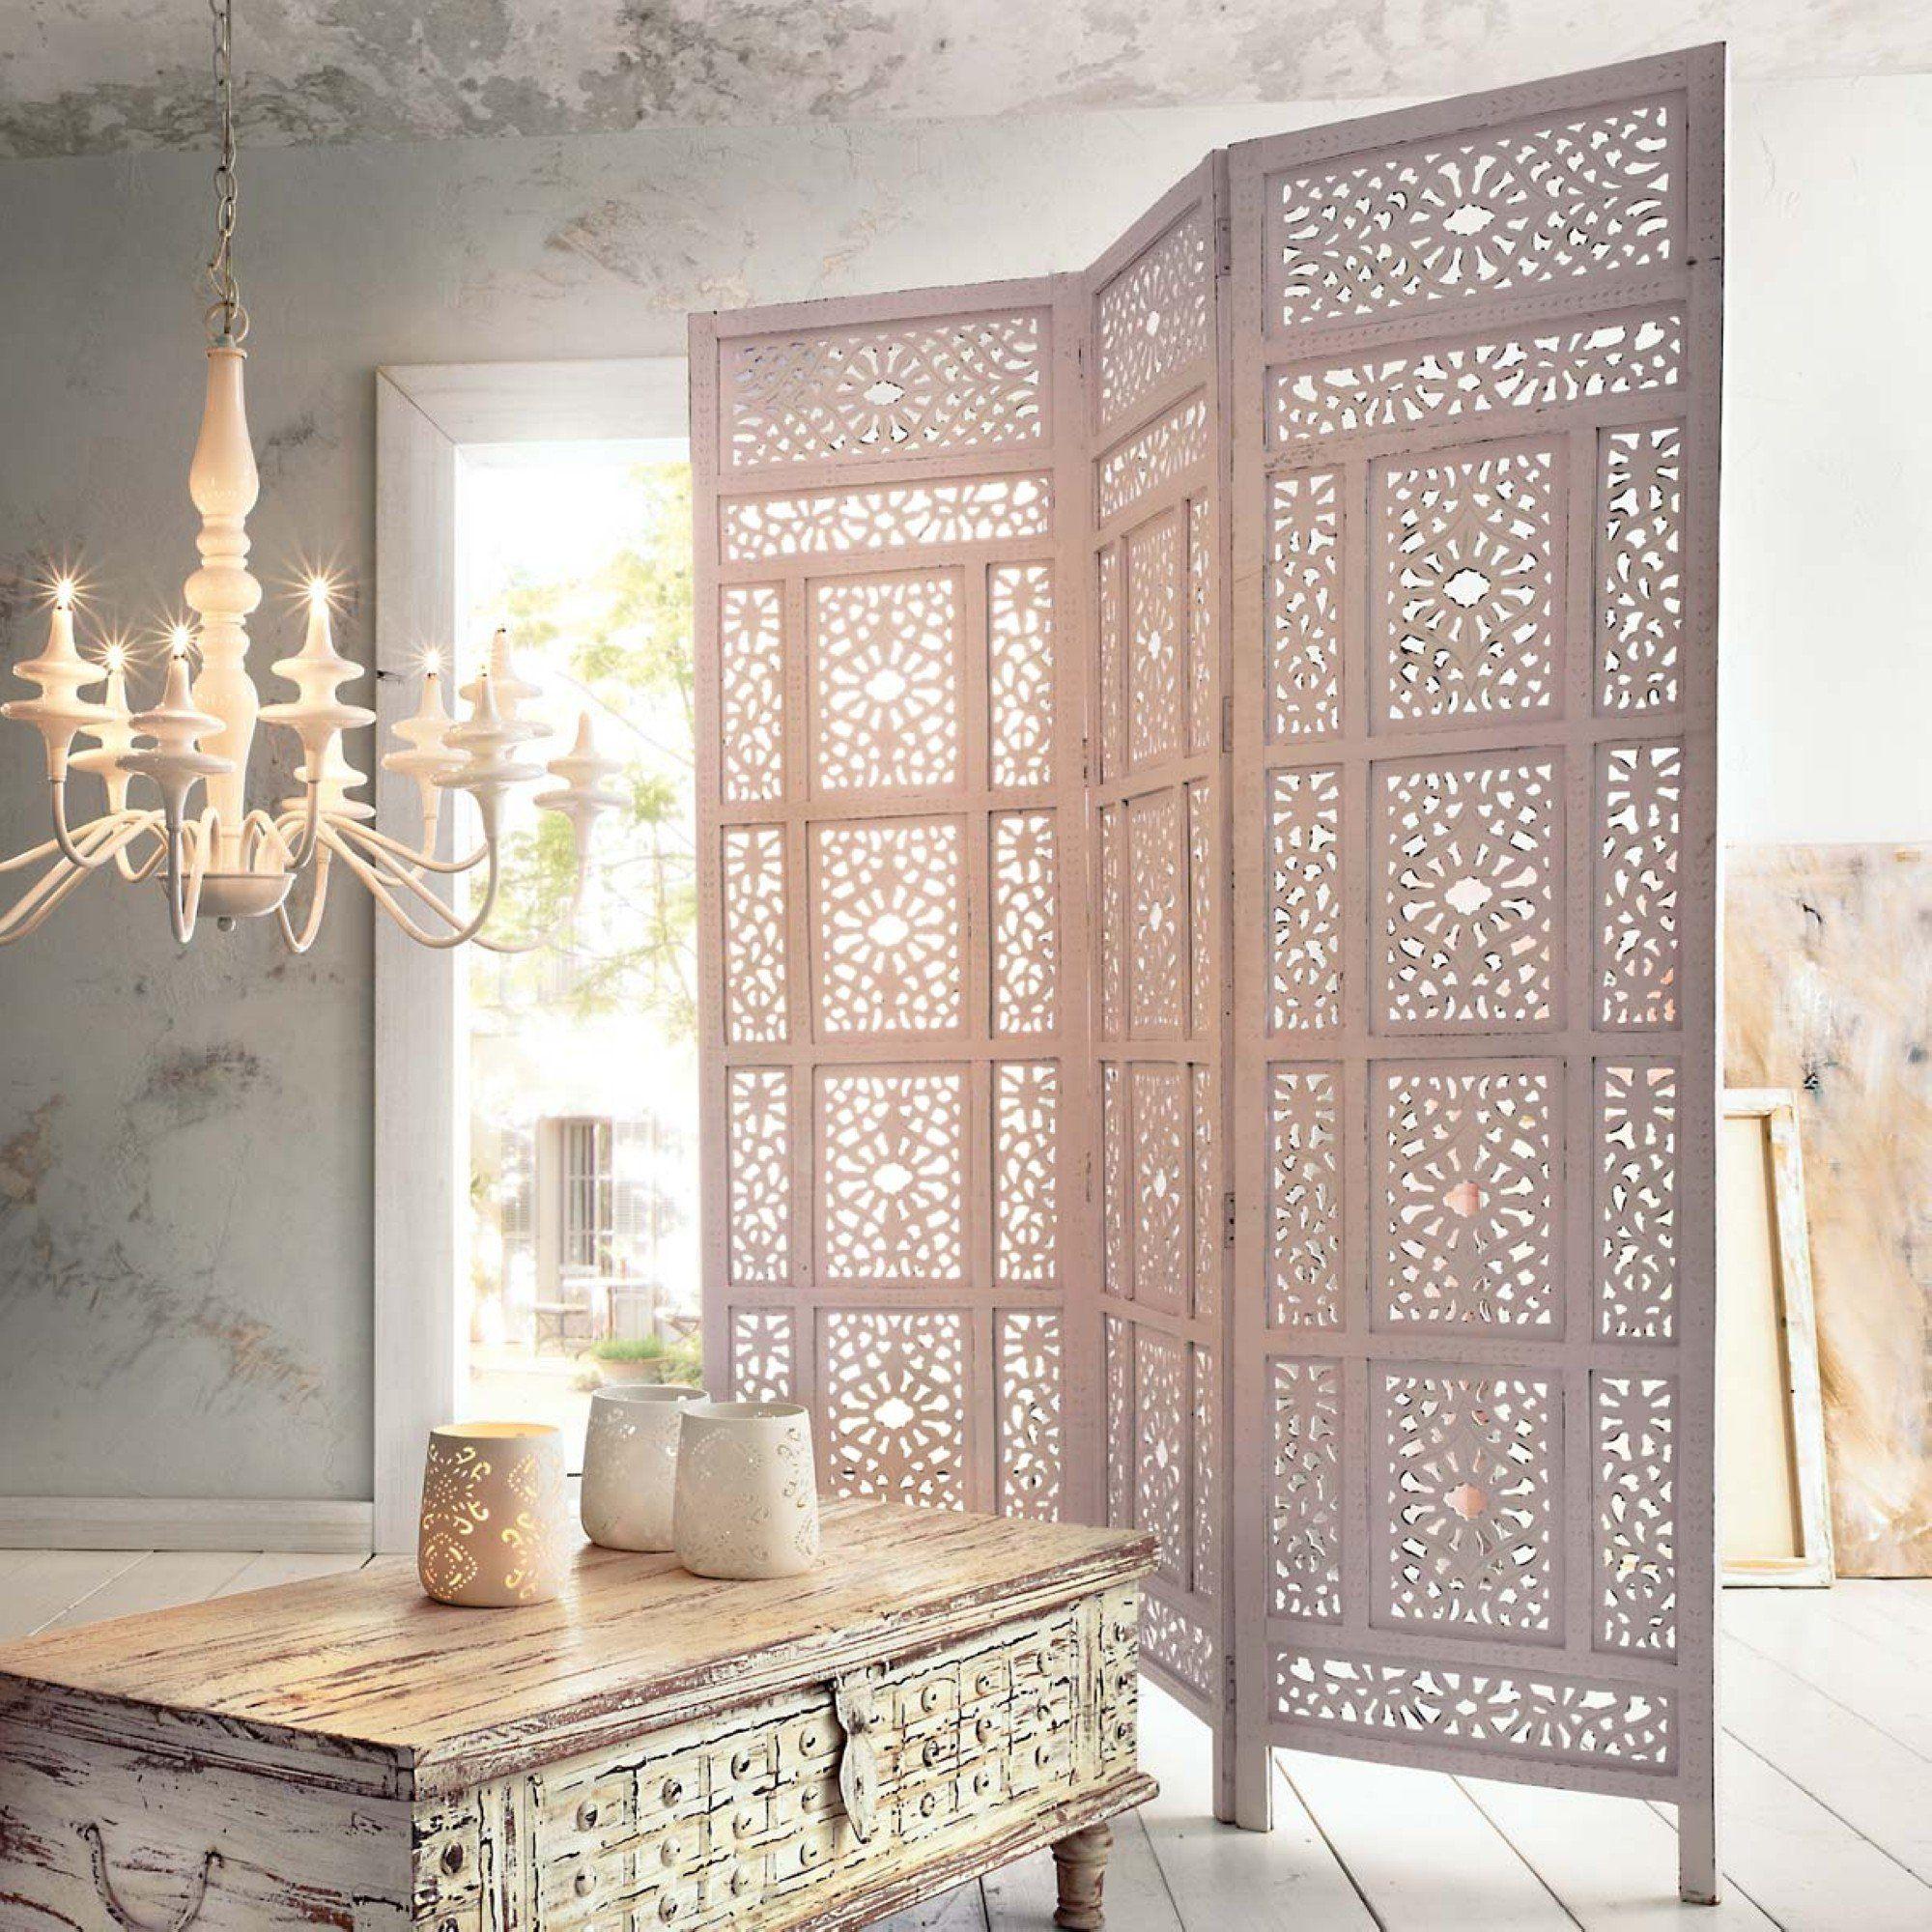 paravent marokko aus holz wei casablanca pinterest marokko holz und orientalische deko On raumteiler orientalisch